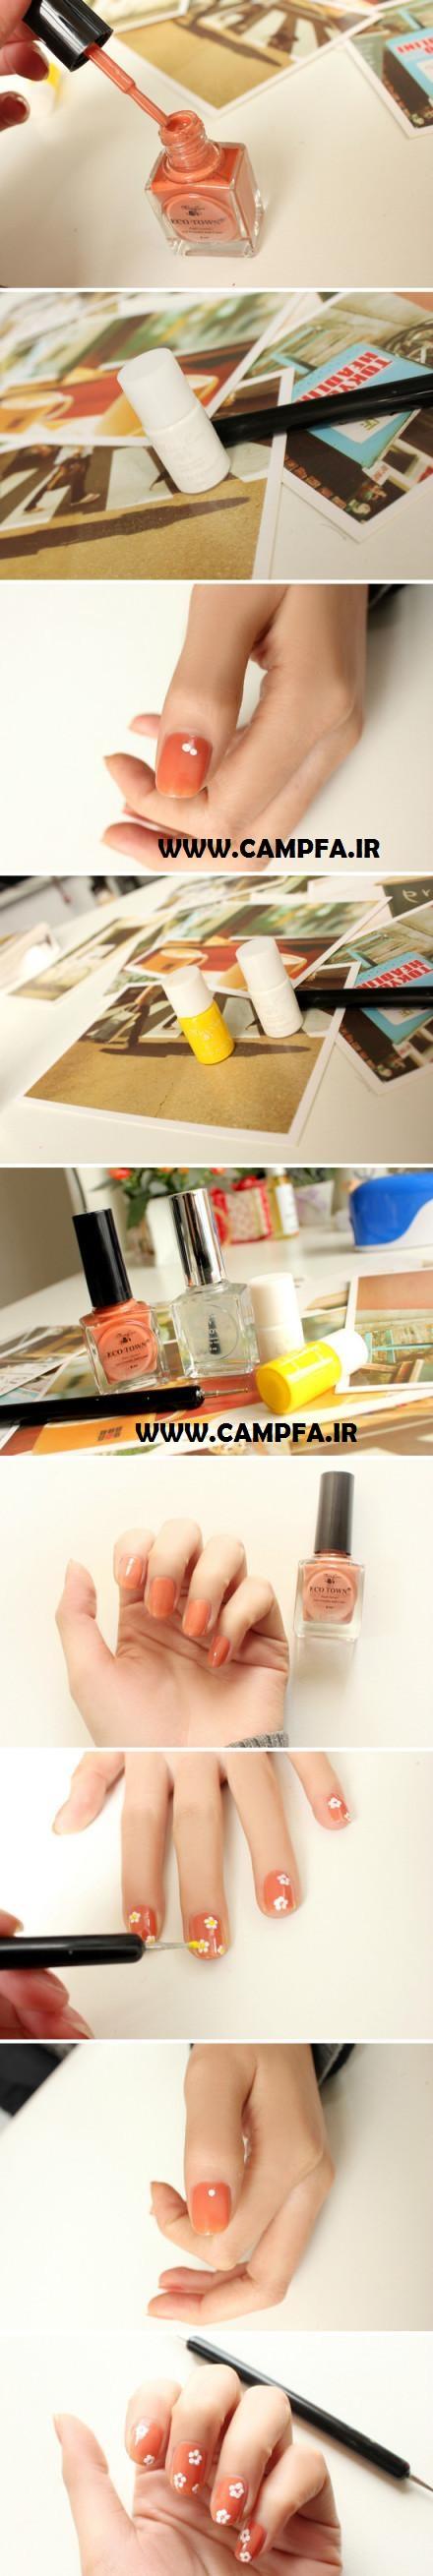 آموزش تصویری 10 مدل لاک ناخن جدید www.campfa.ir